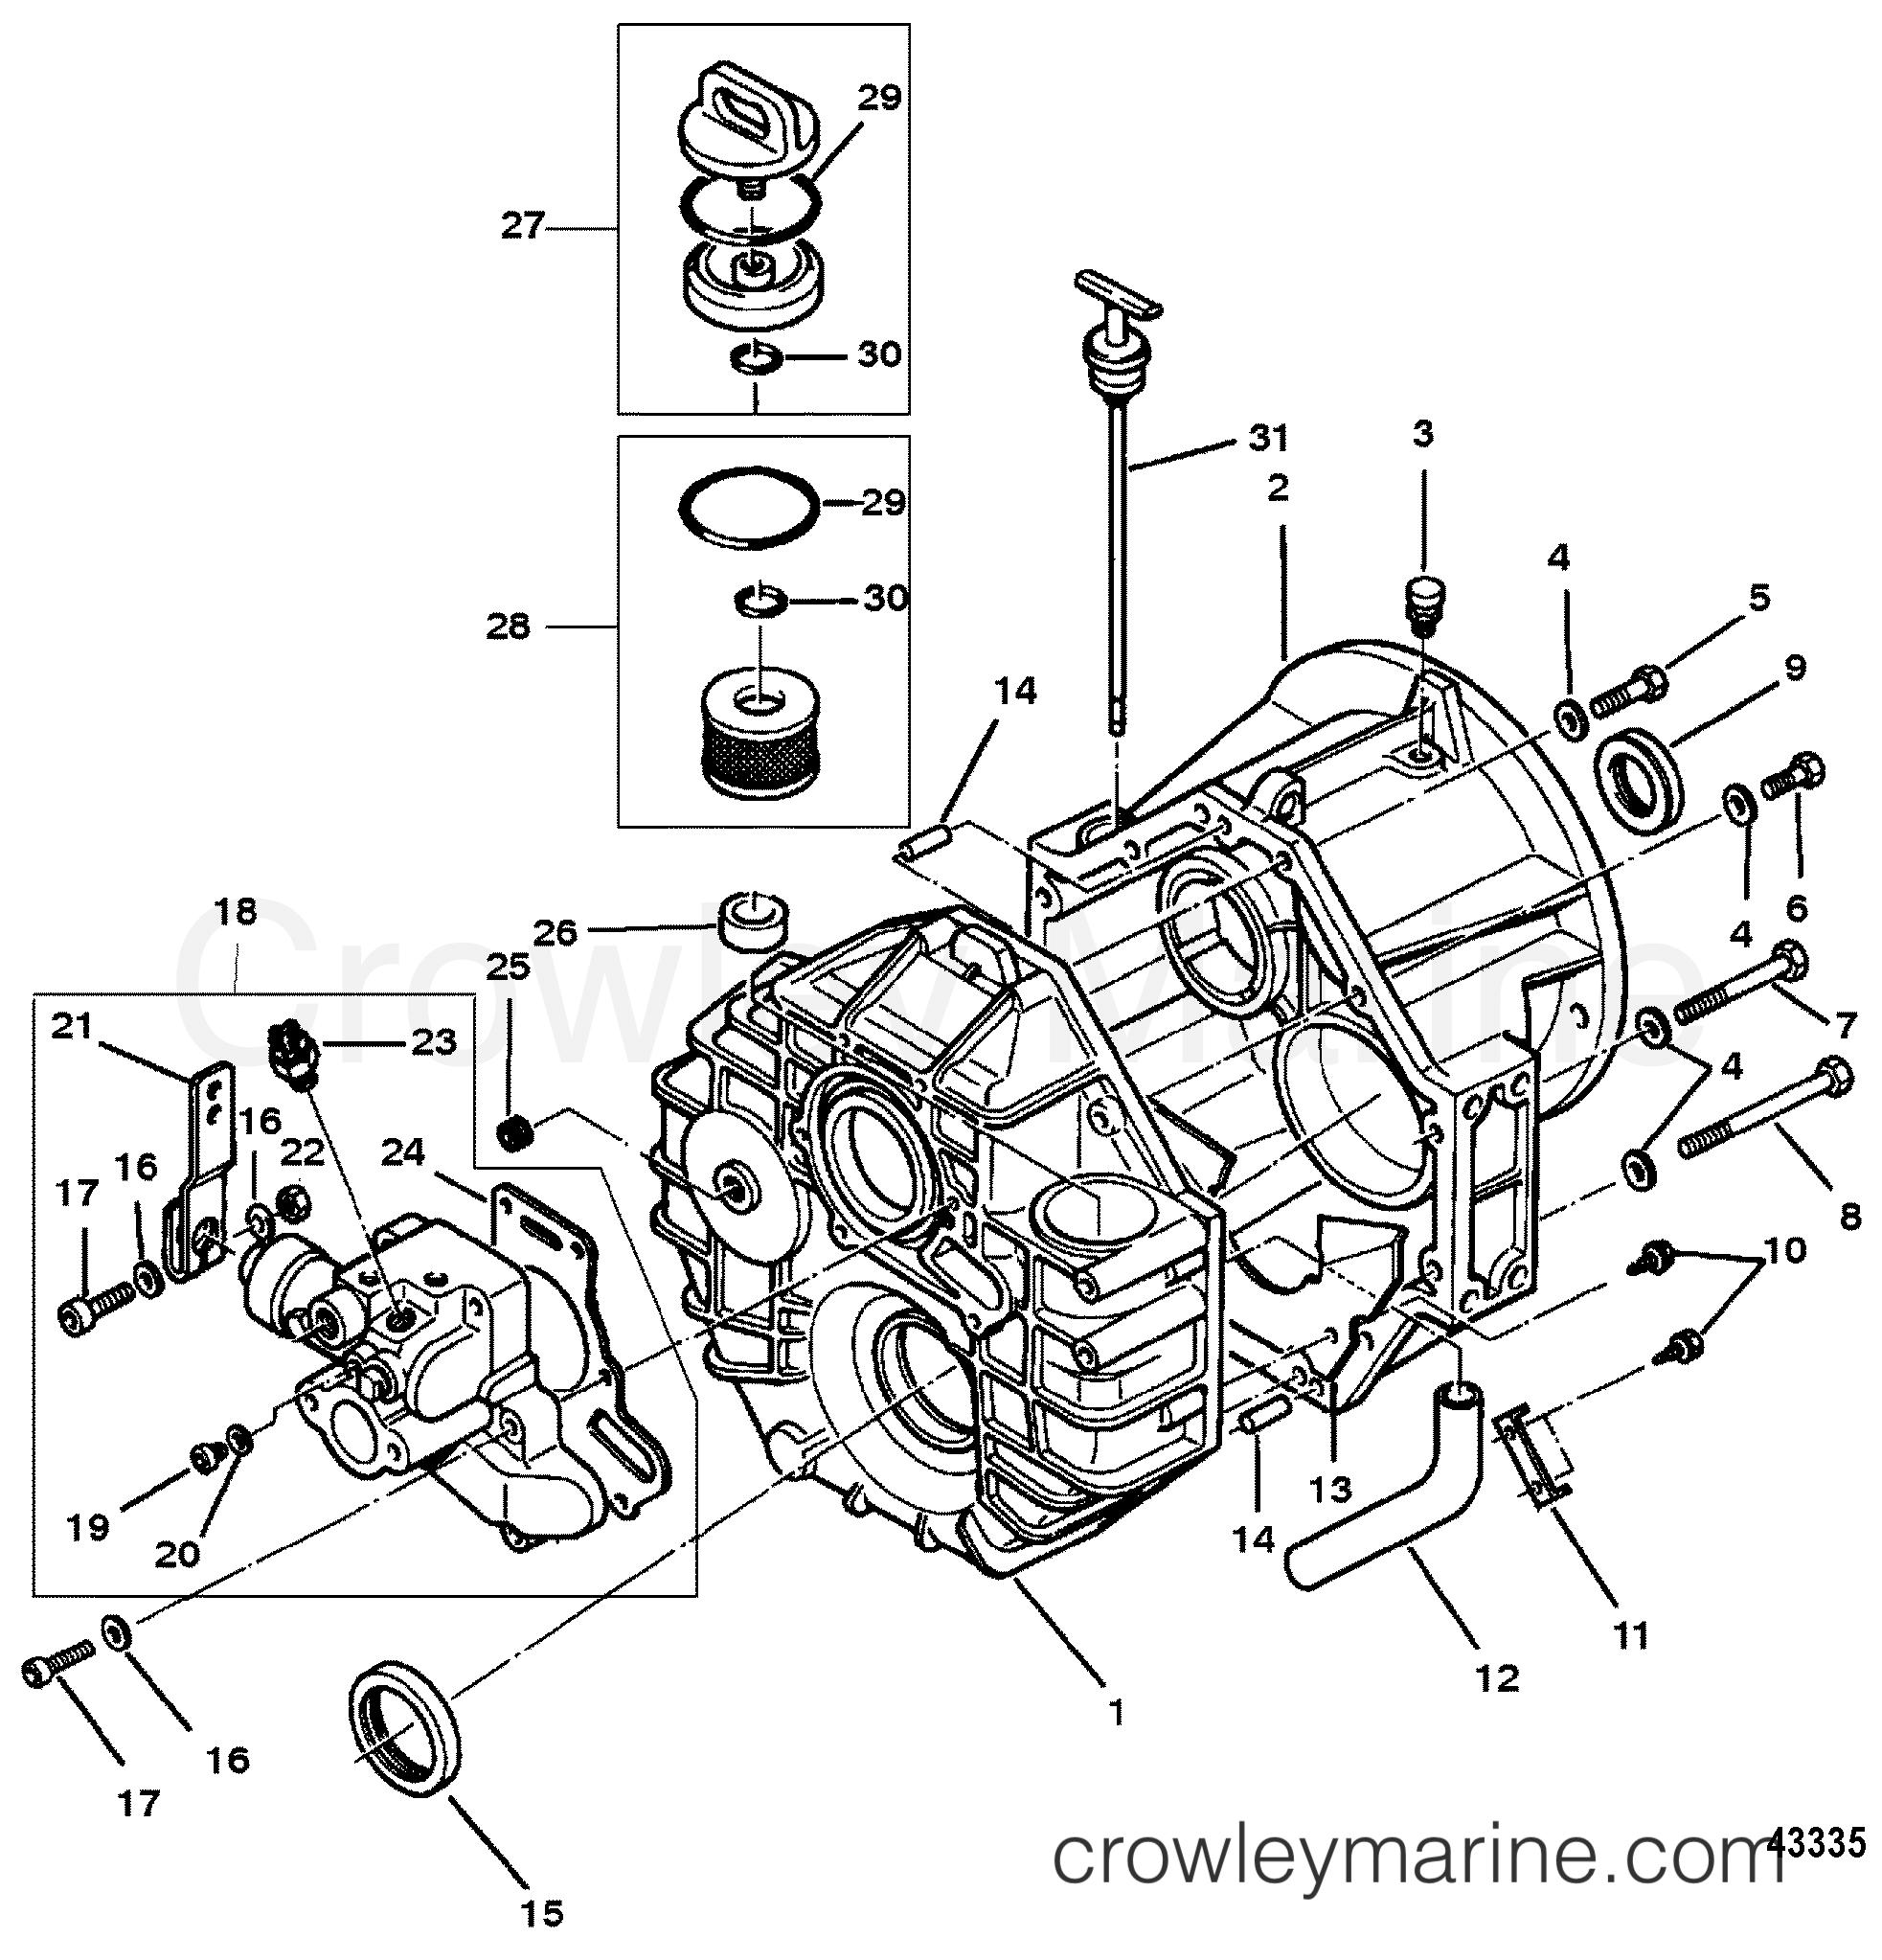 1979 mercruiser wiring diagram wiring diagram database  mercruiser transmission diagram wiring blog diagram data pre alpha mercruiser wiring diagram 1979 mercruiser wiring diagram